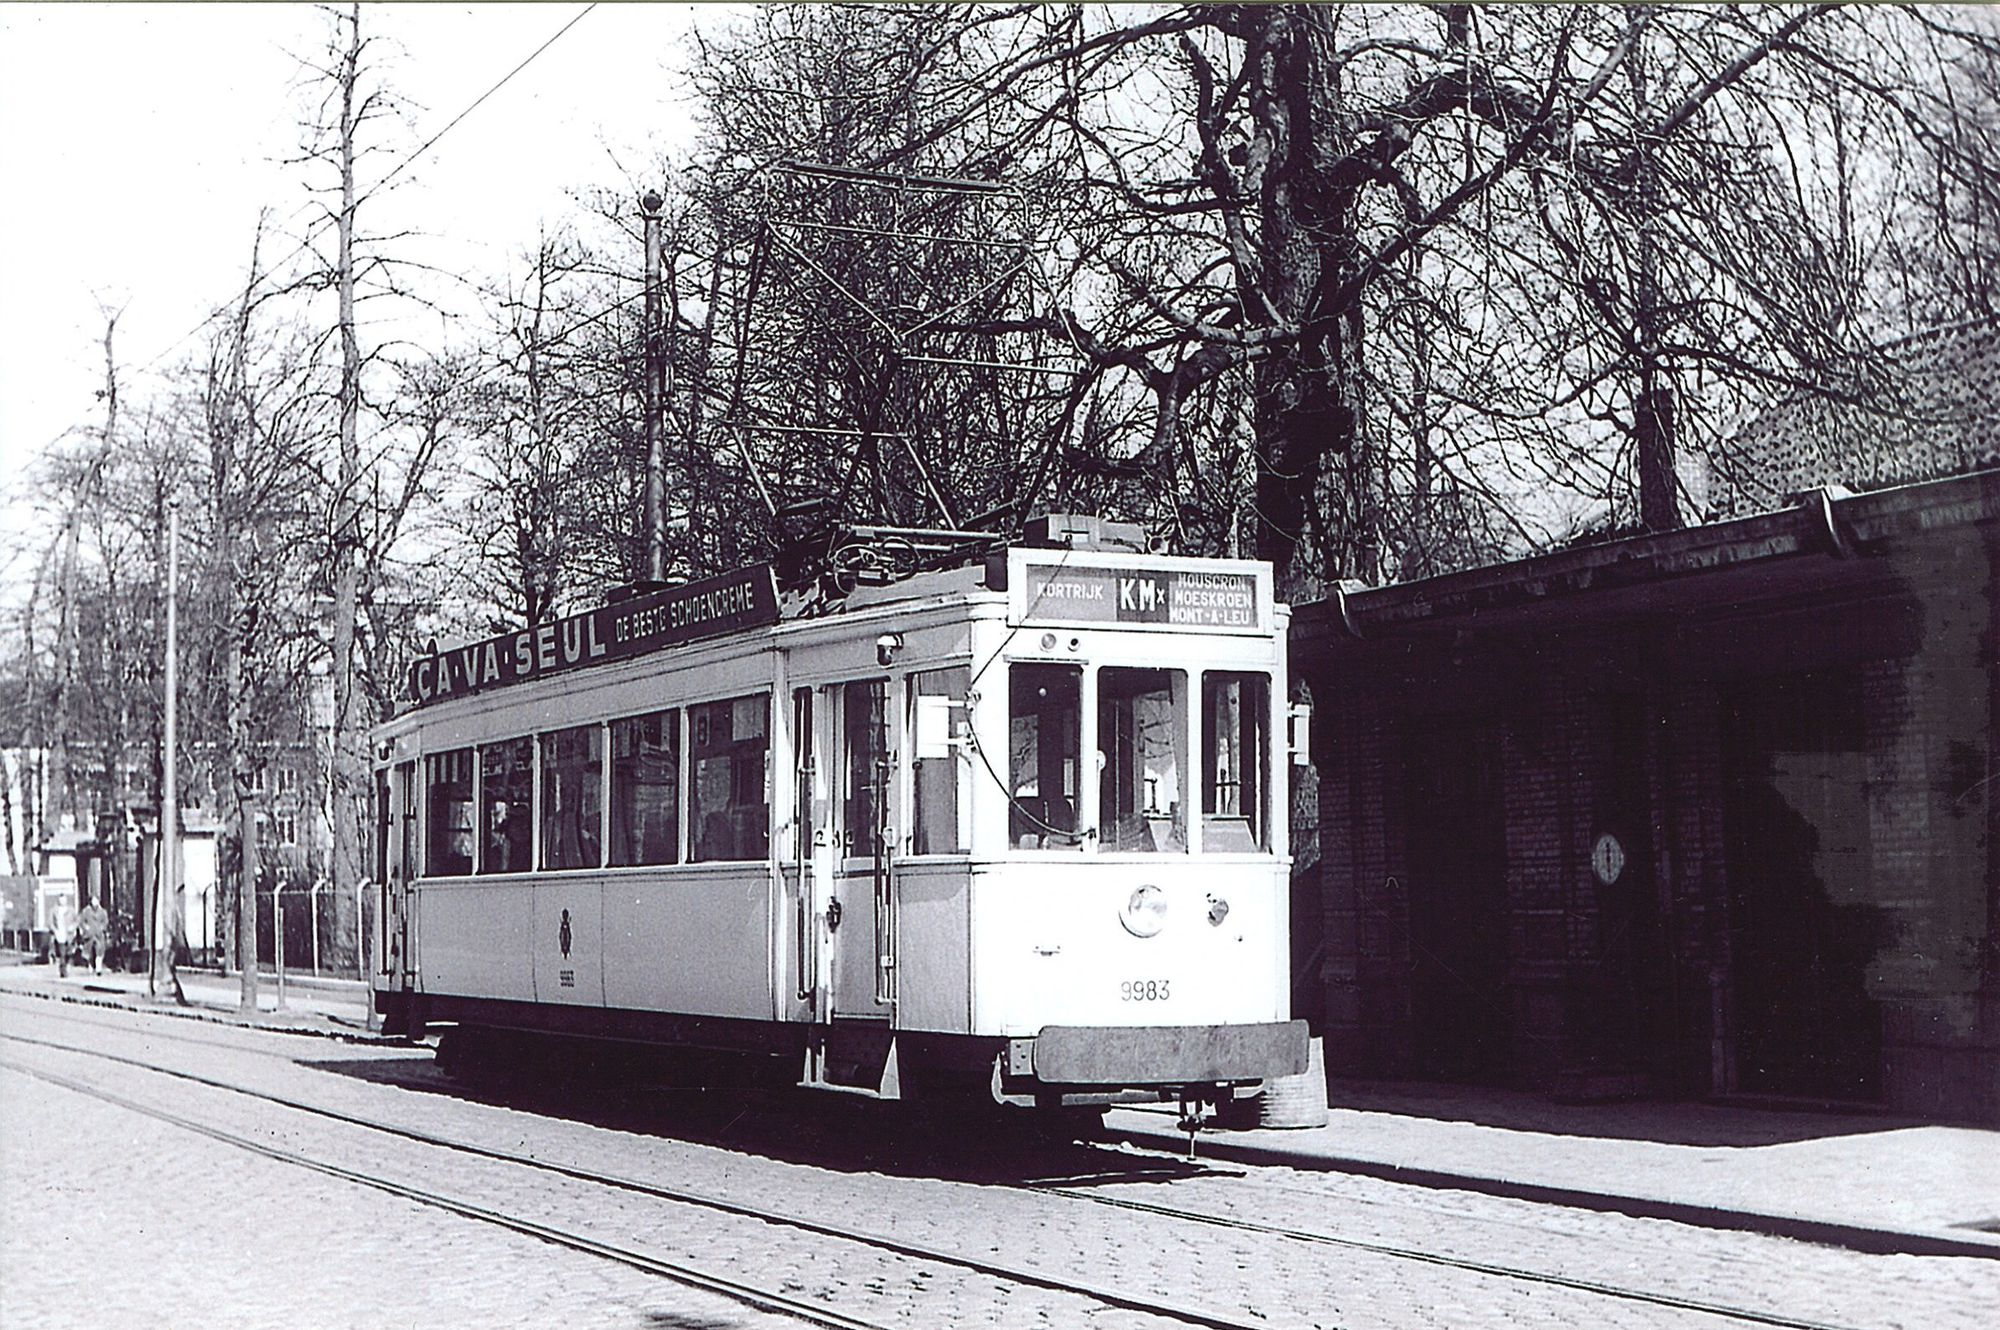 Tram in Doorniksewijk